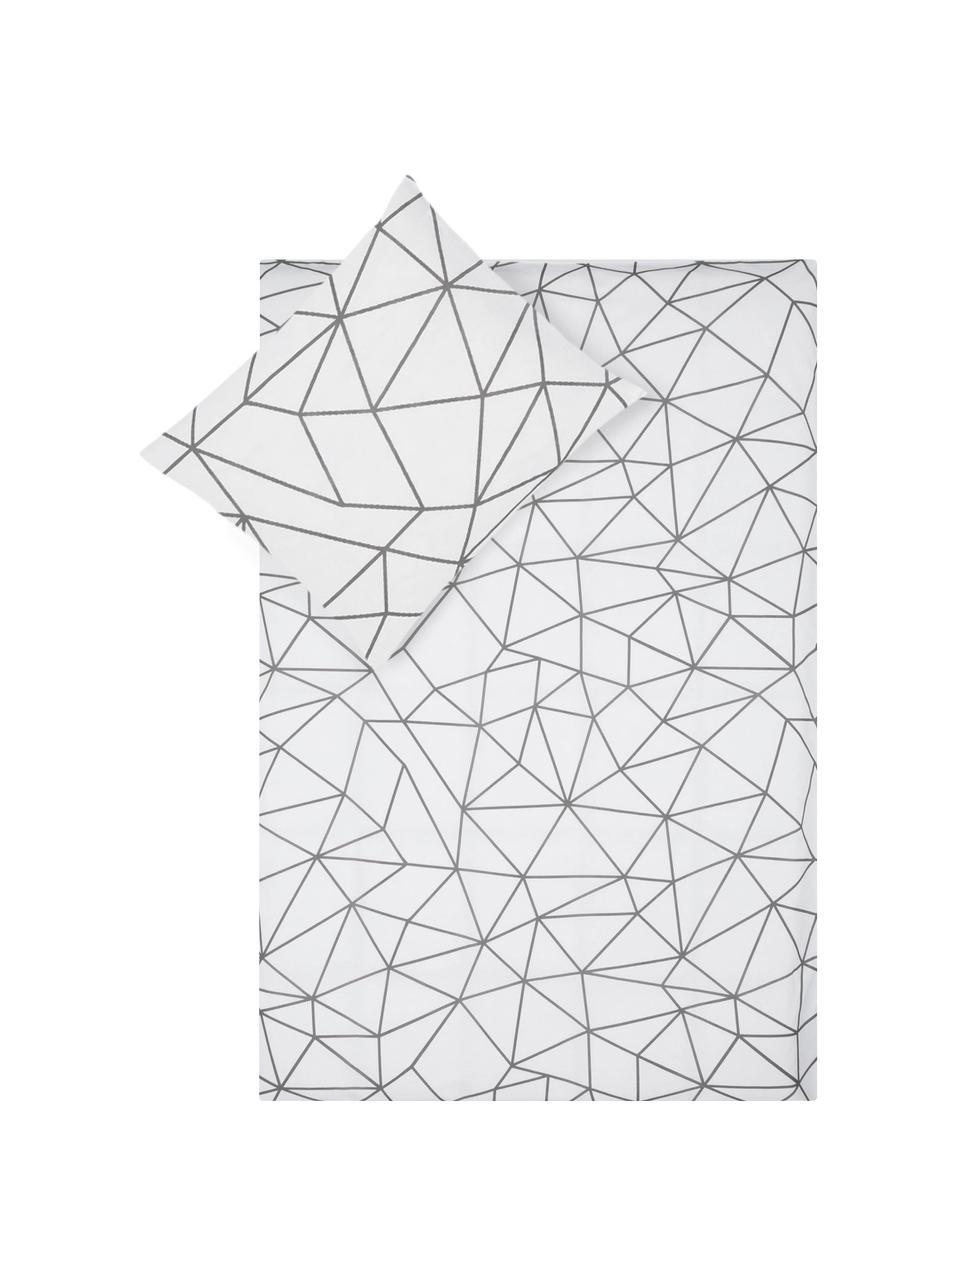 Dubbelzijdig dekbedovertrek Bray, Katoen, Bovenzijde: wit, grijs. Onderzijde: wit, 140 x 200 cm